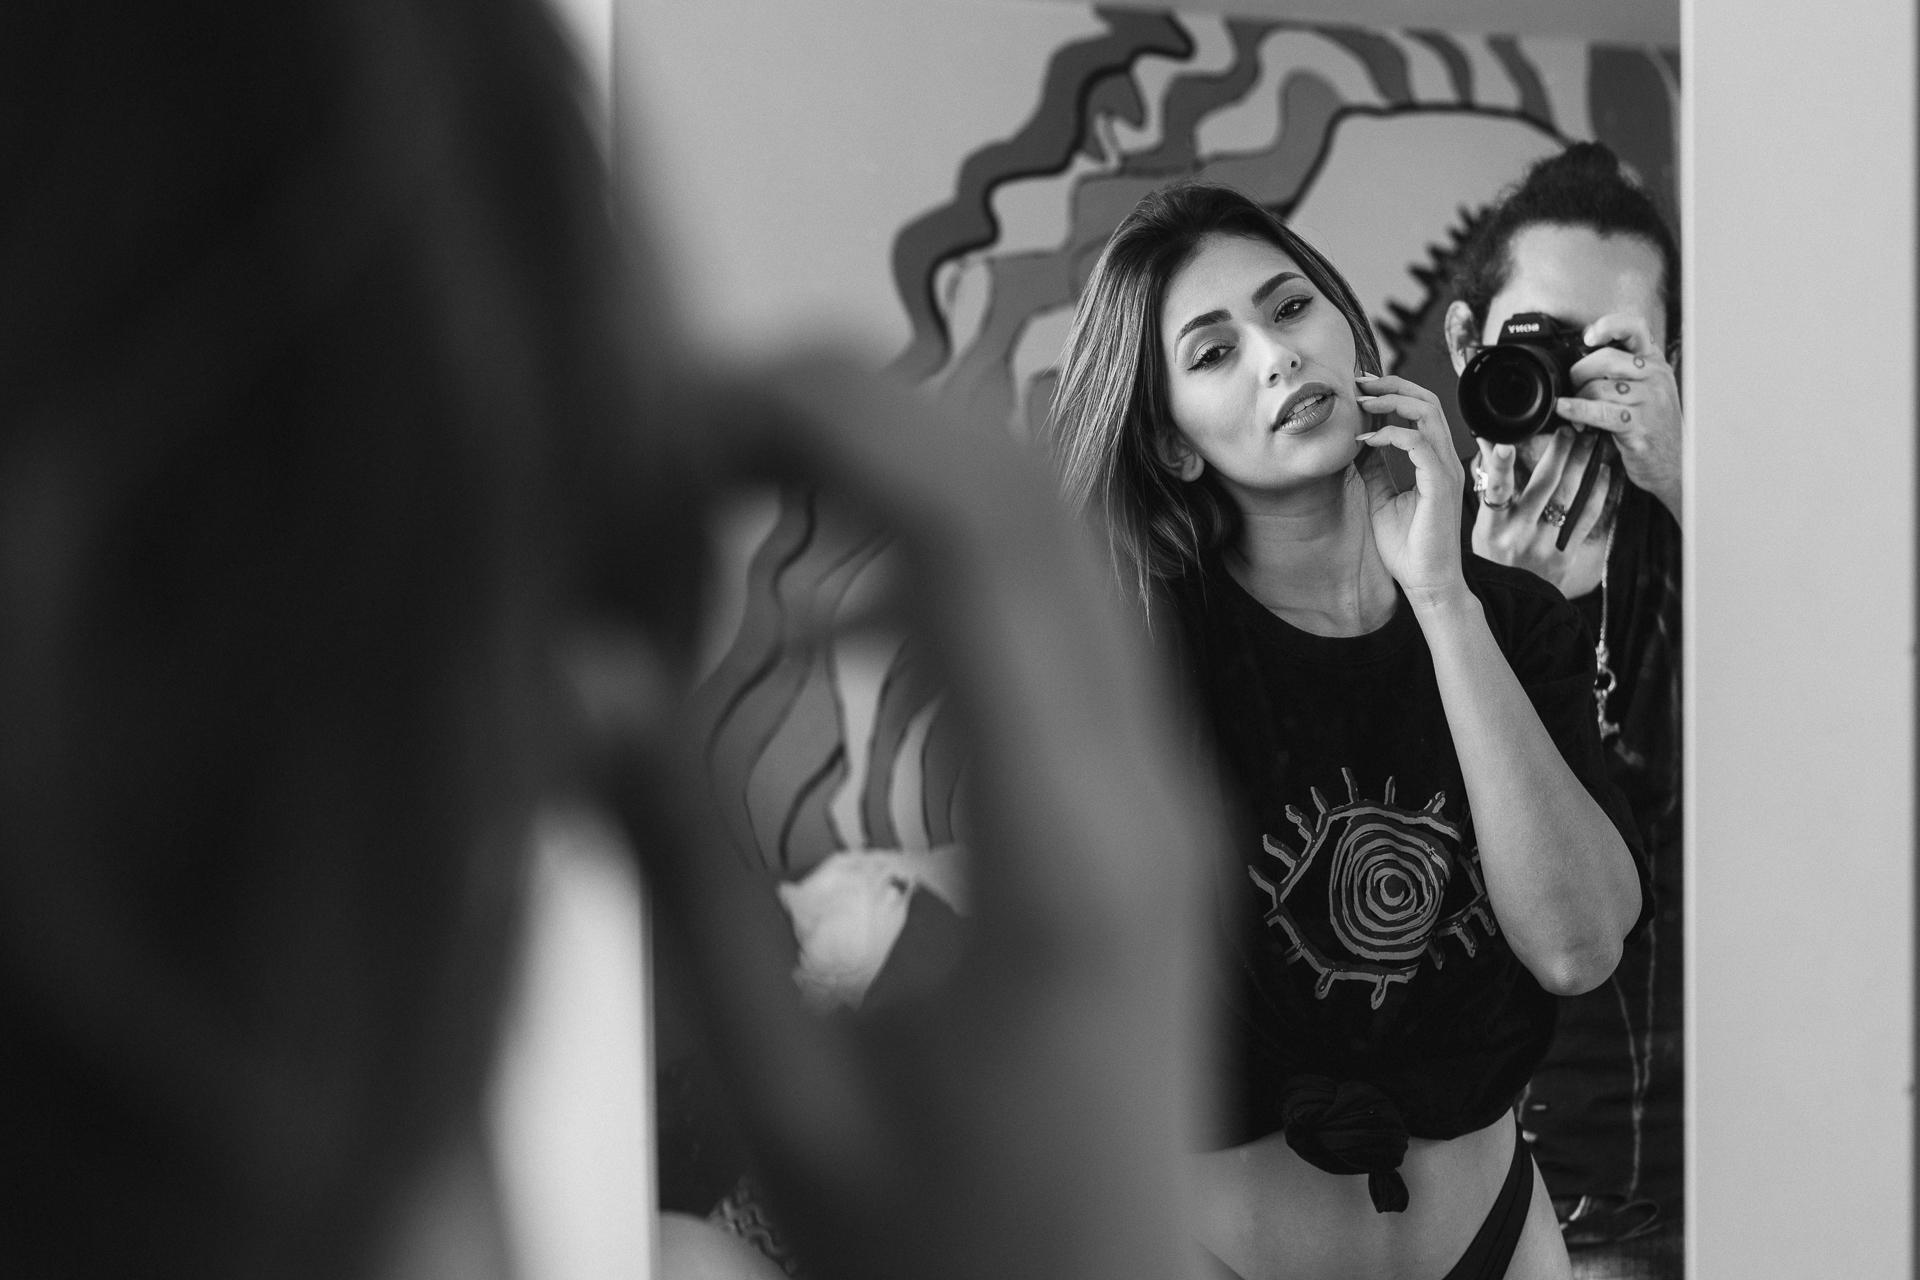 Contate Marcos Medeiros - Fotografia Autoral - Retratos Femininos